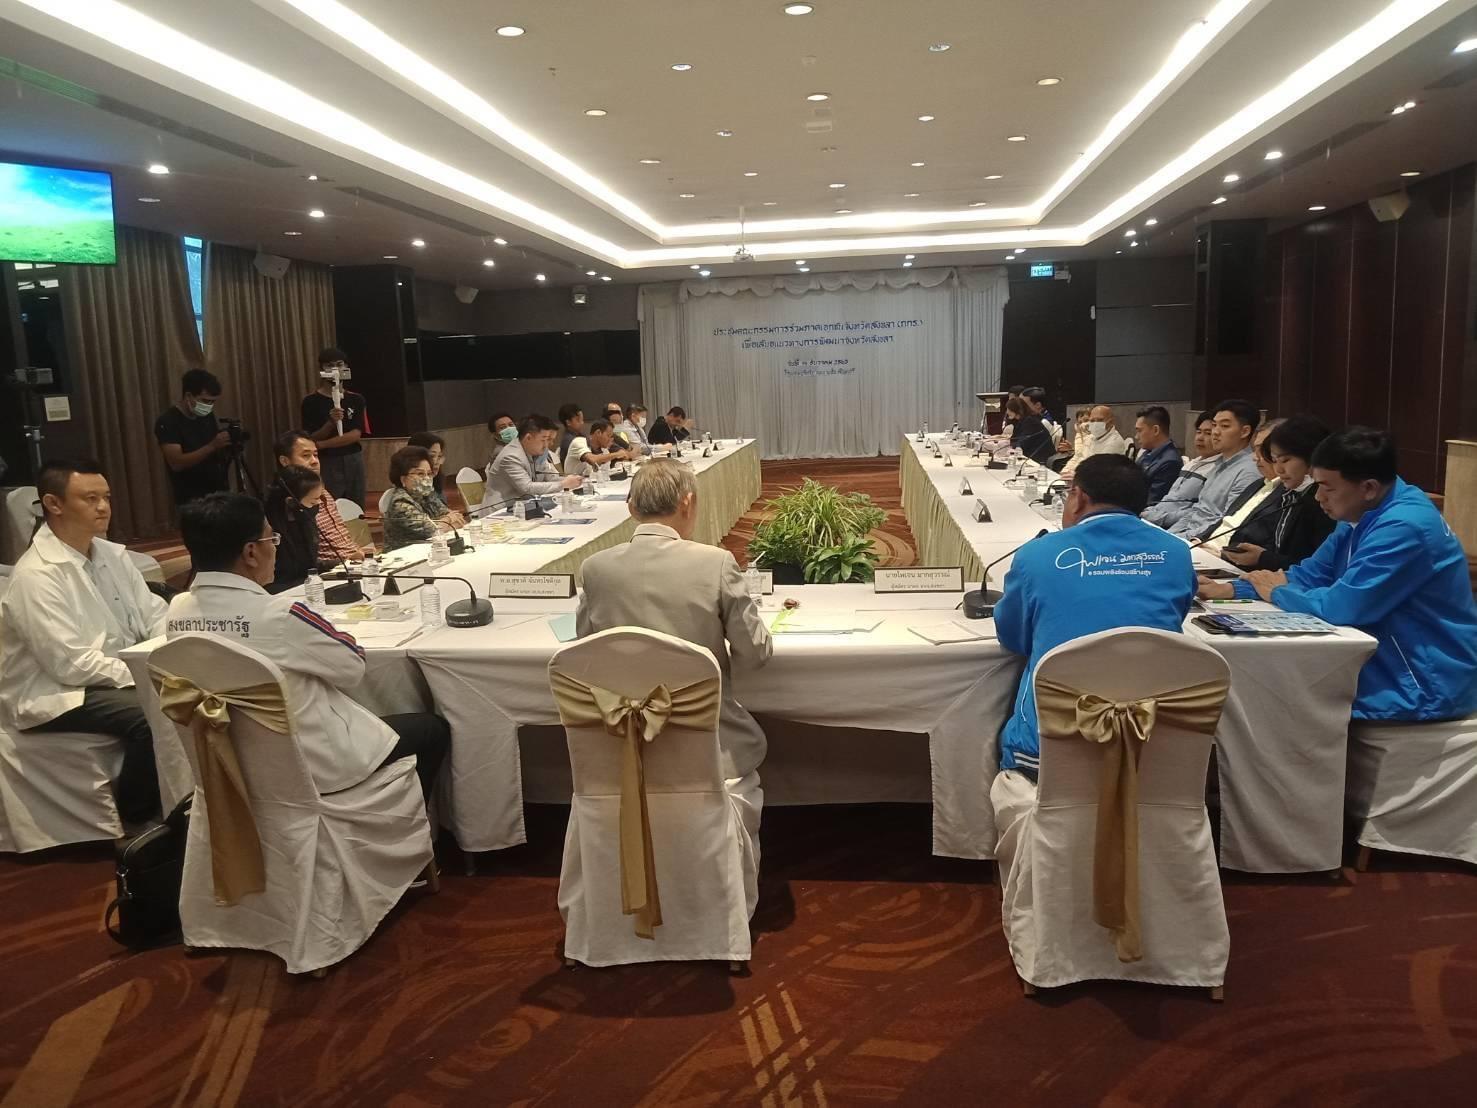 องค์กรภาคเอกชน จำนวน 15 องค์กร ร่วมประชุมคณะกรรมการร่วมภาคเอกชนจังหวัดสงขลา (กกร.) เพื่อเสนอแนวทางการพัฒนาจังหวัดสงขลาต่อผู้สมัครนายกองค์การบริหารส่วนจังหวัดสงขลา